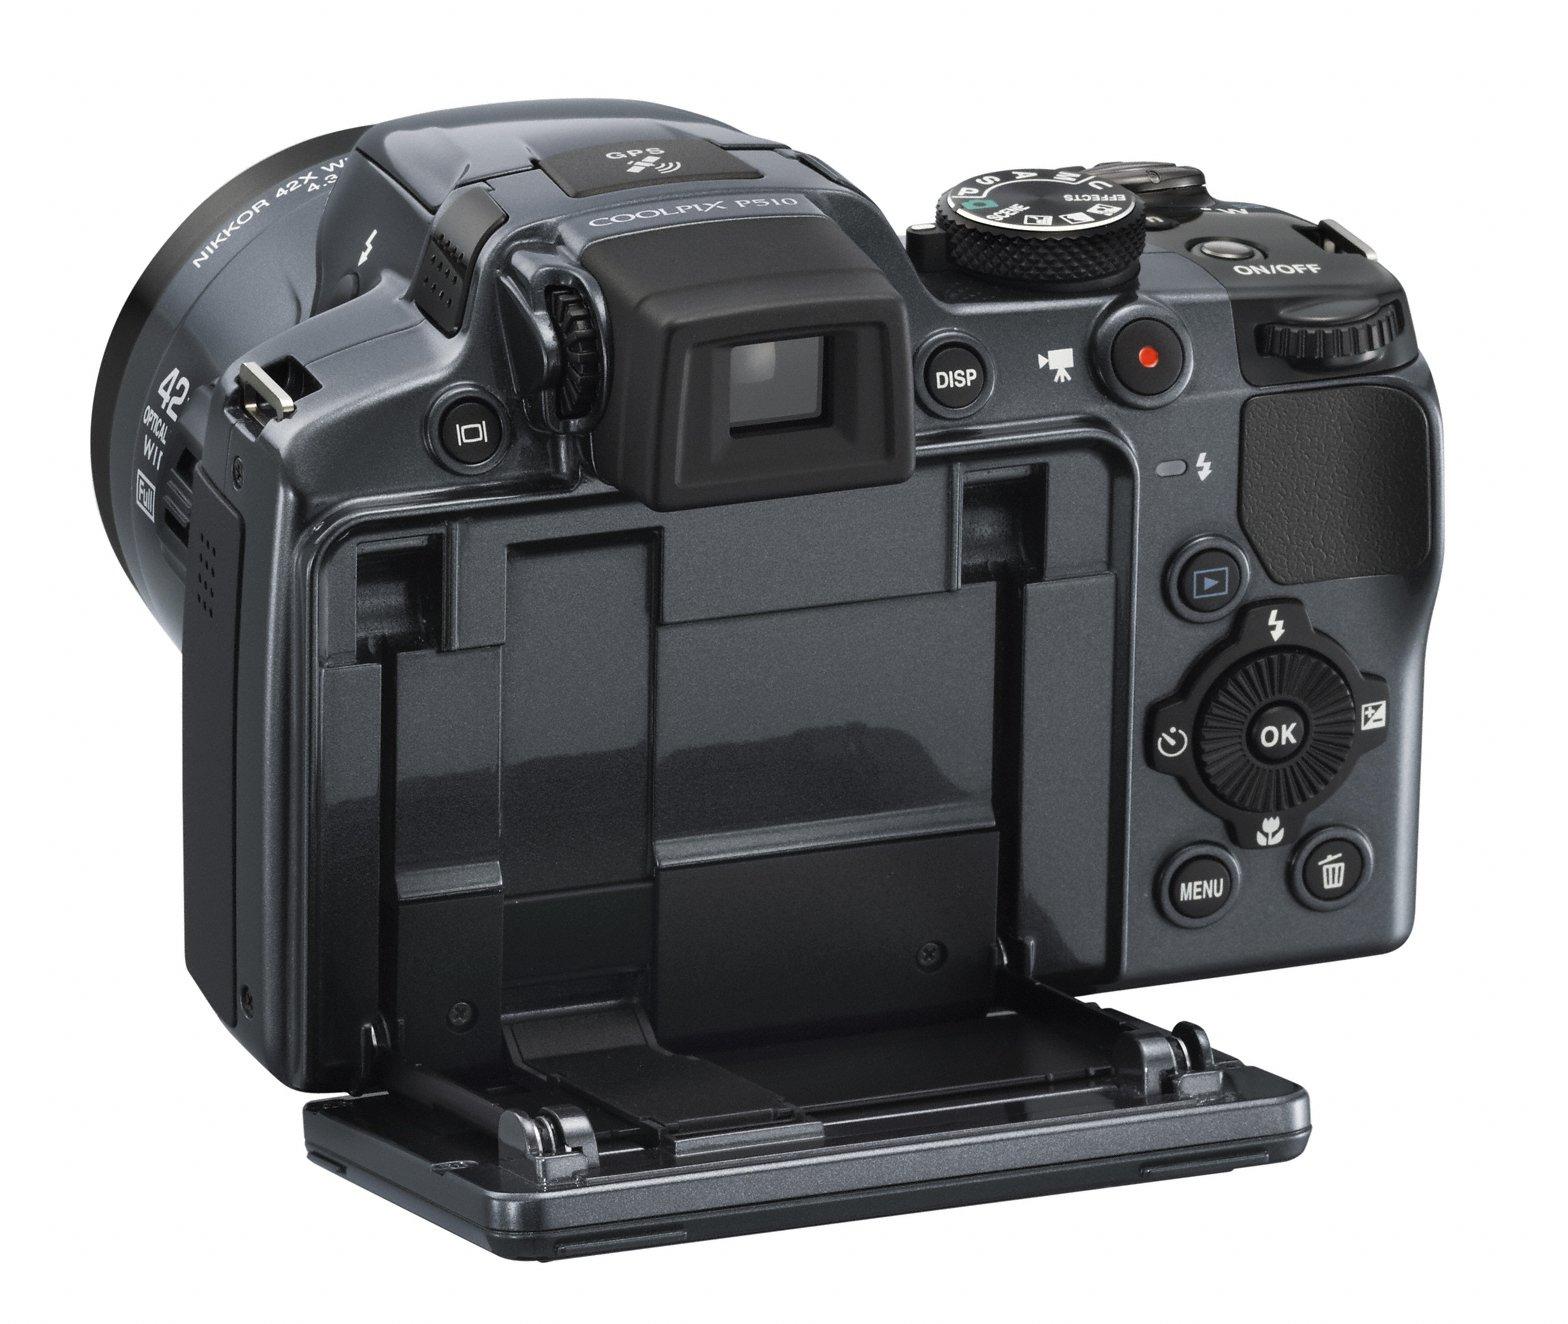 detail of Nikon Coolpix P510's display